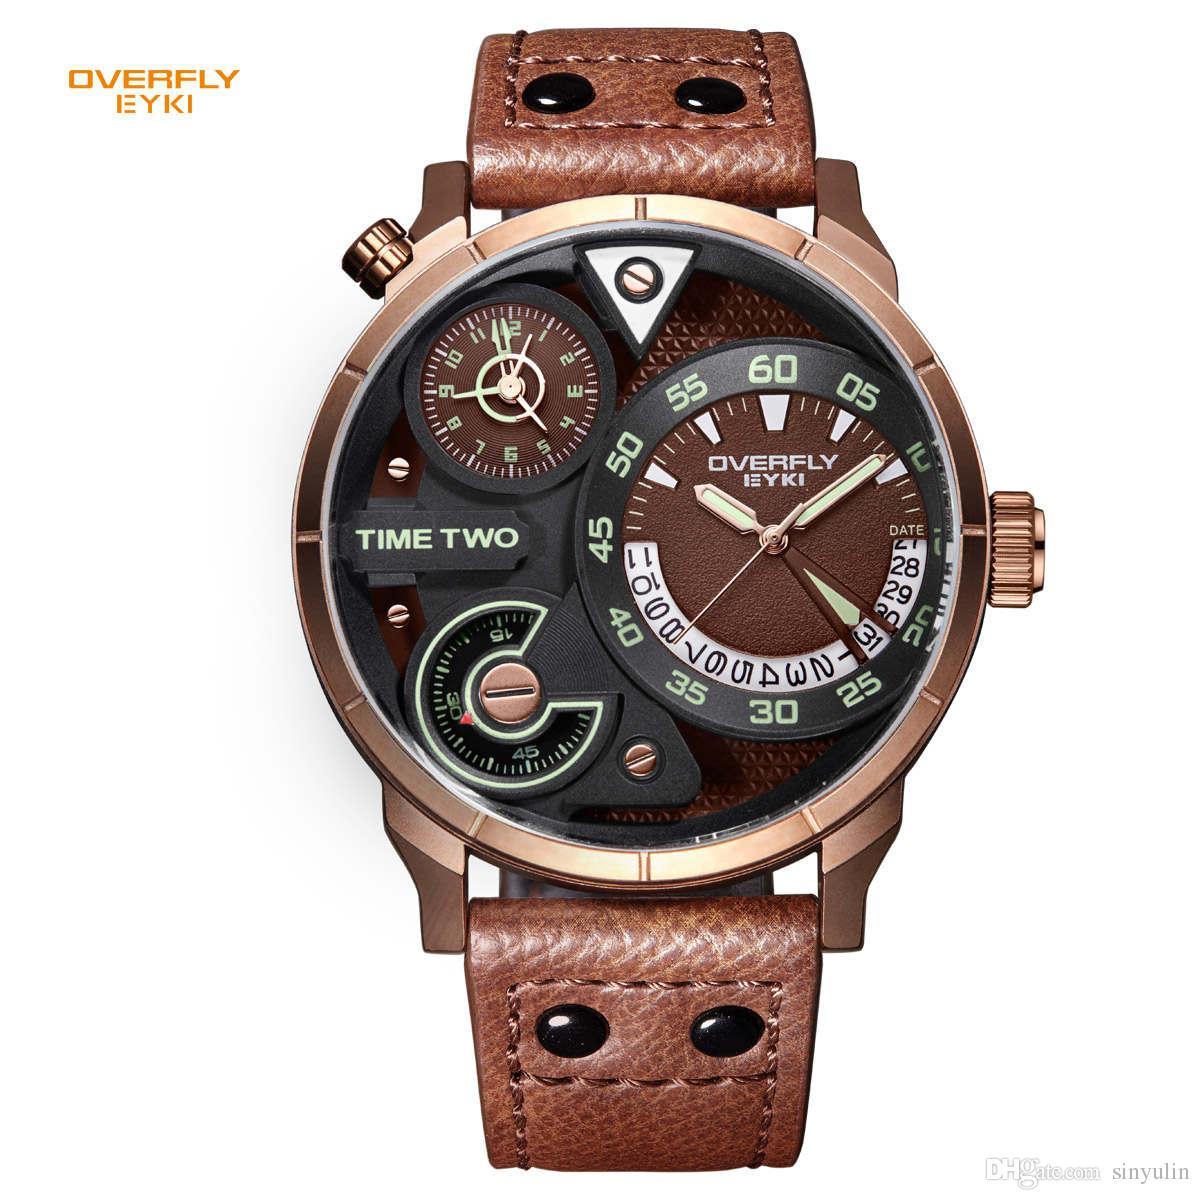 18dda02298b Big Watches Men Luxury Watch Men Brand Quartz Watch Outdoor Dress  Wristwatches Military Watch Relogios Masculinos Watch Shopping Best Deals  On Watches From ...